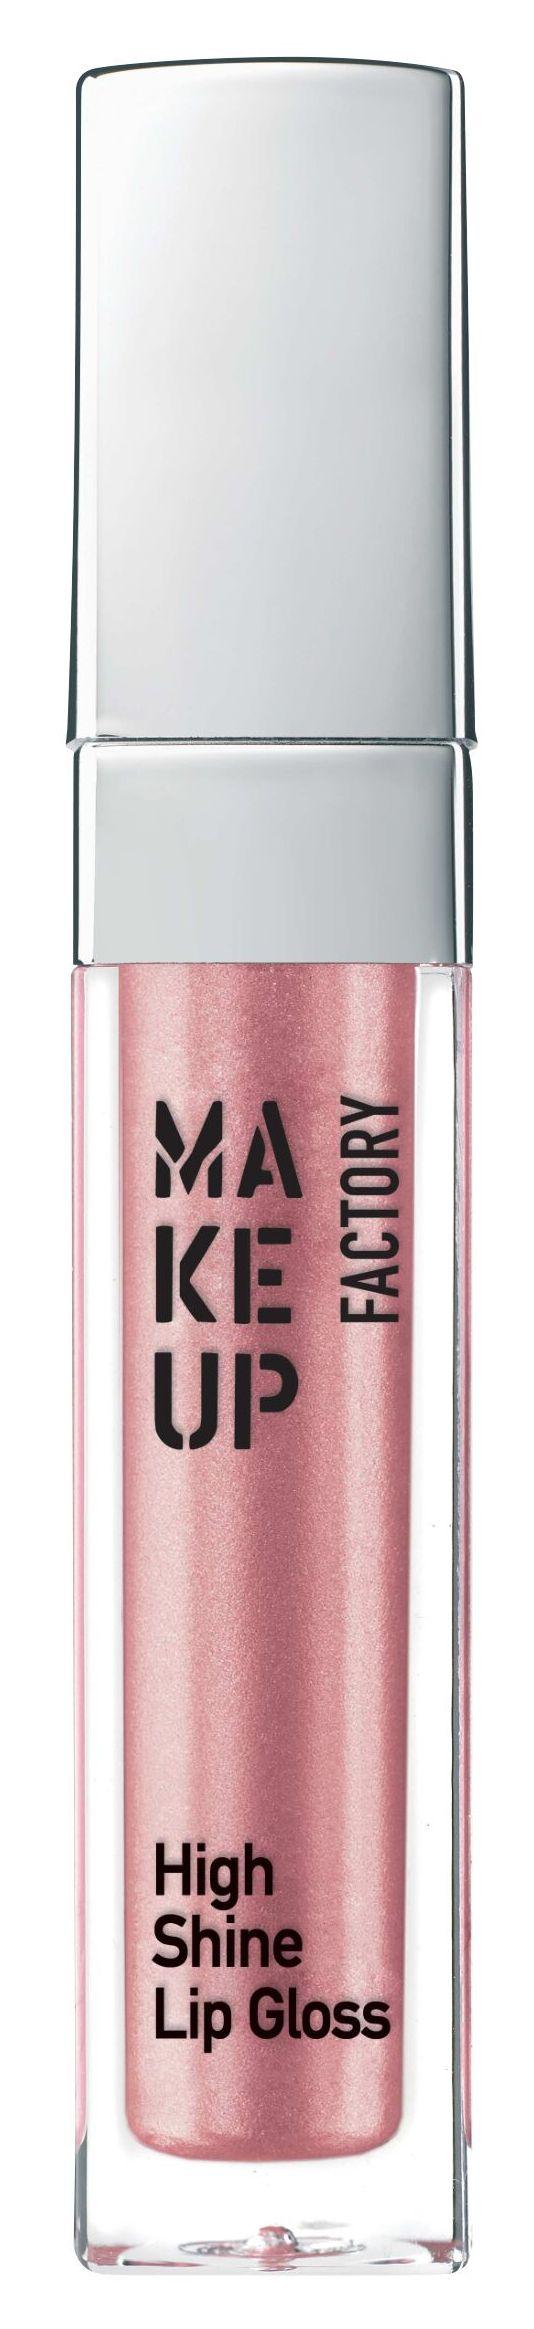 Купить MAKE UP FACTORY Блеск с эффектом влажных губ, 20 розовая глазурь / High Shine Lip Gloss 6, 5 мл